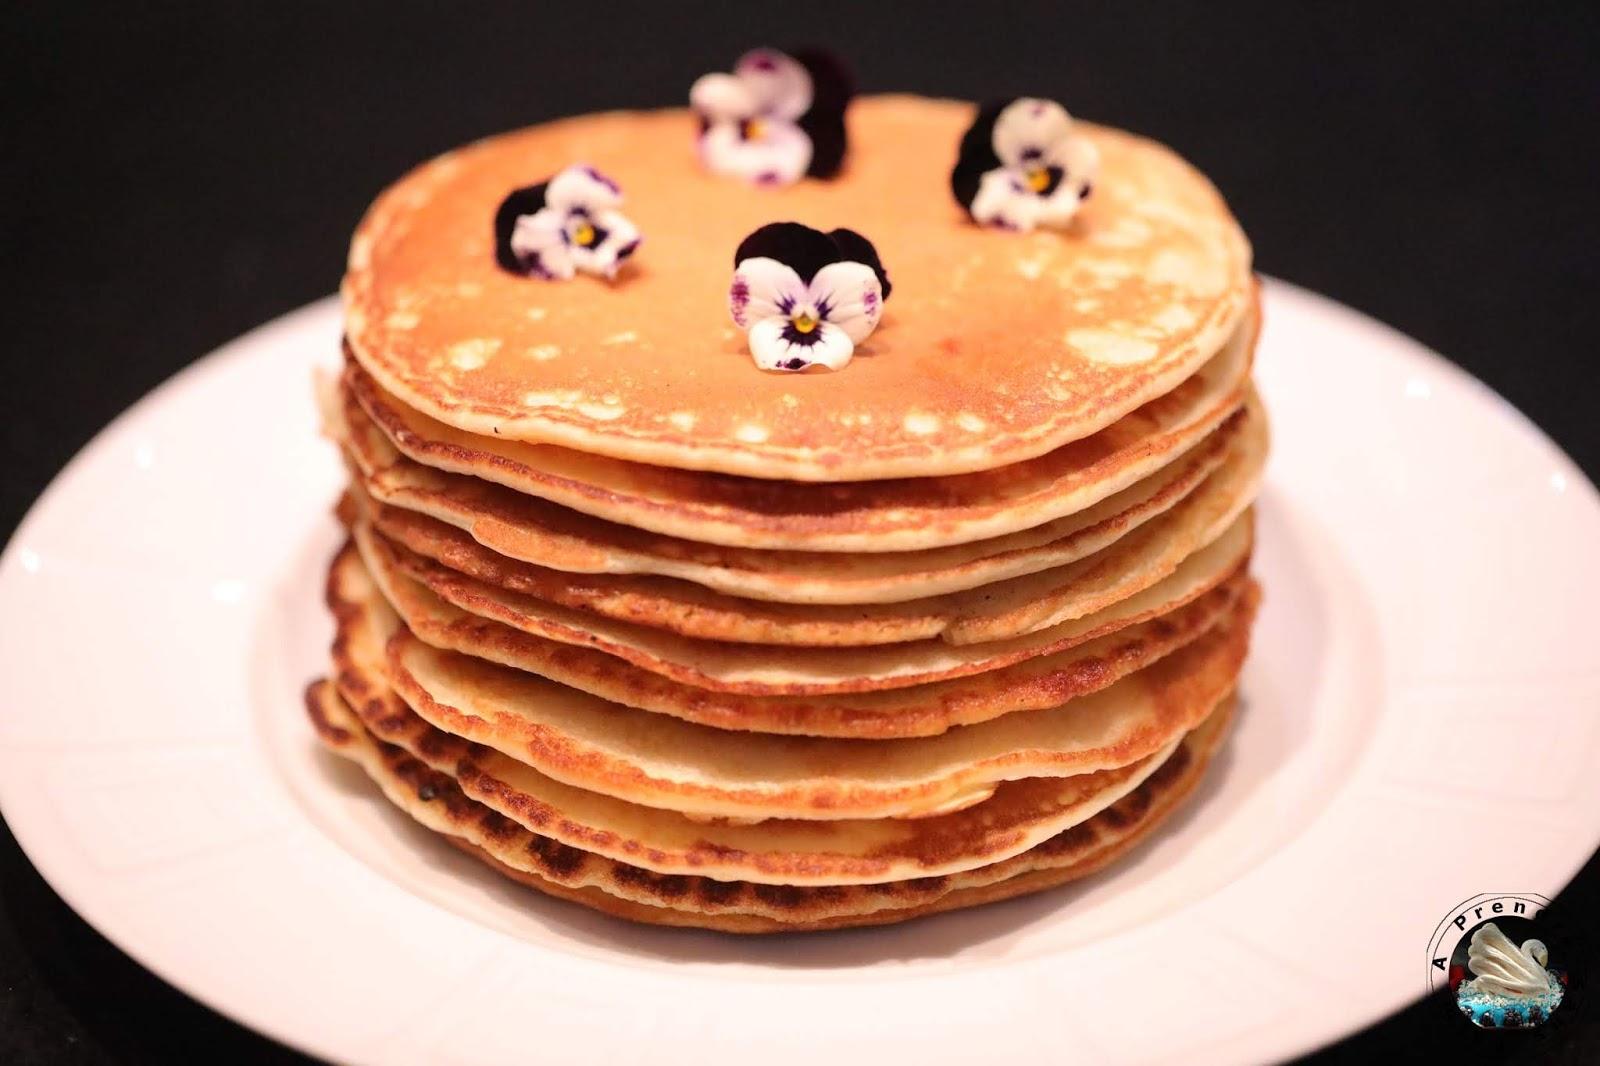 Pancakes sans gluten à la fleur d'oranger